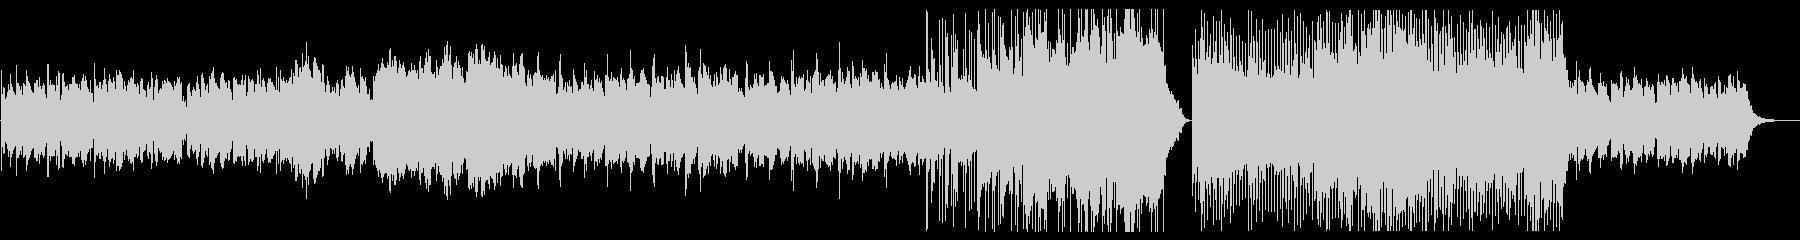 儚げなメロディが印象的なBGMの未再生の波形